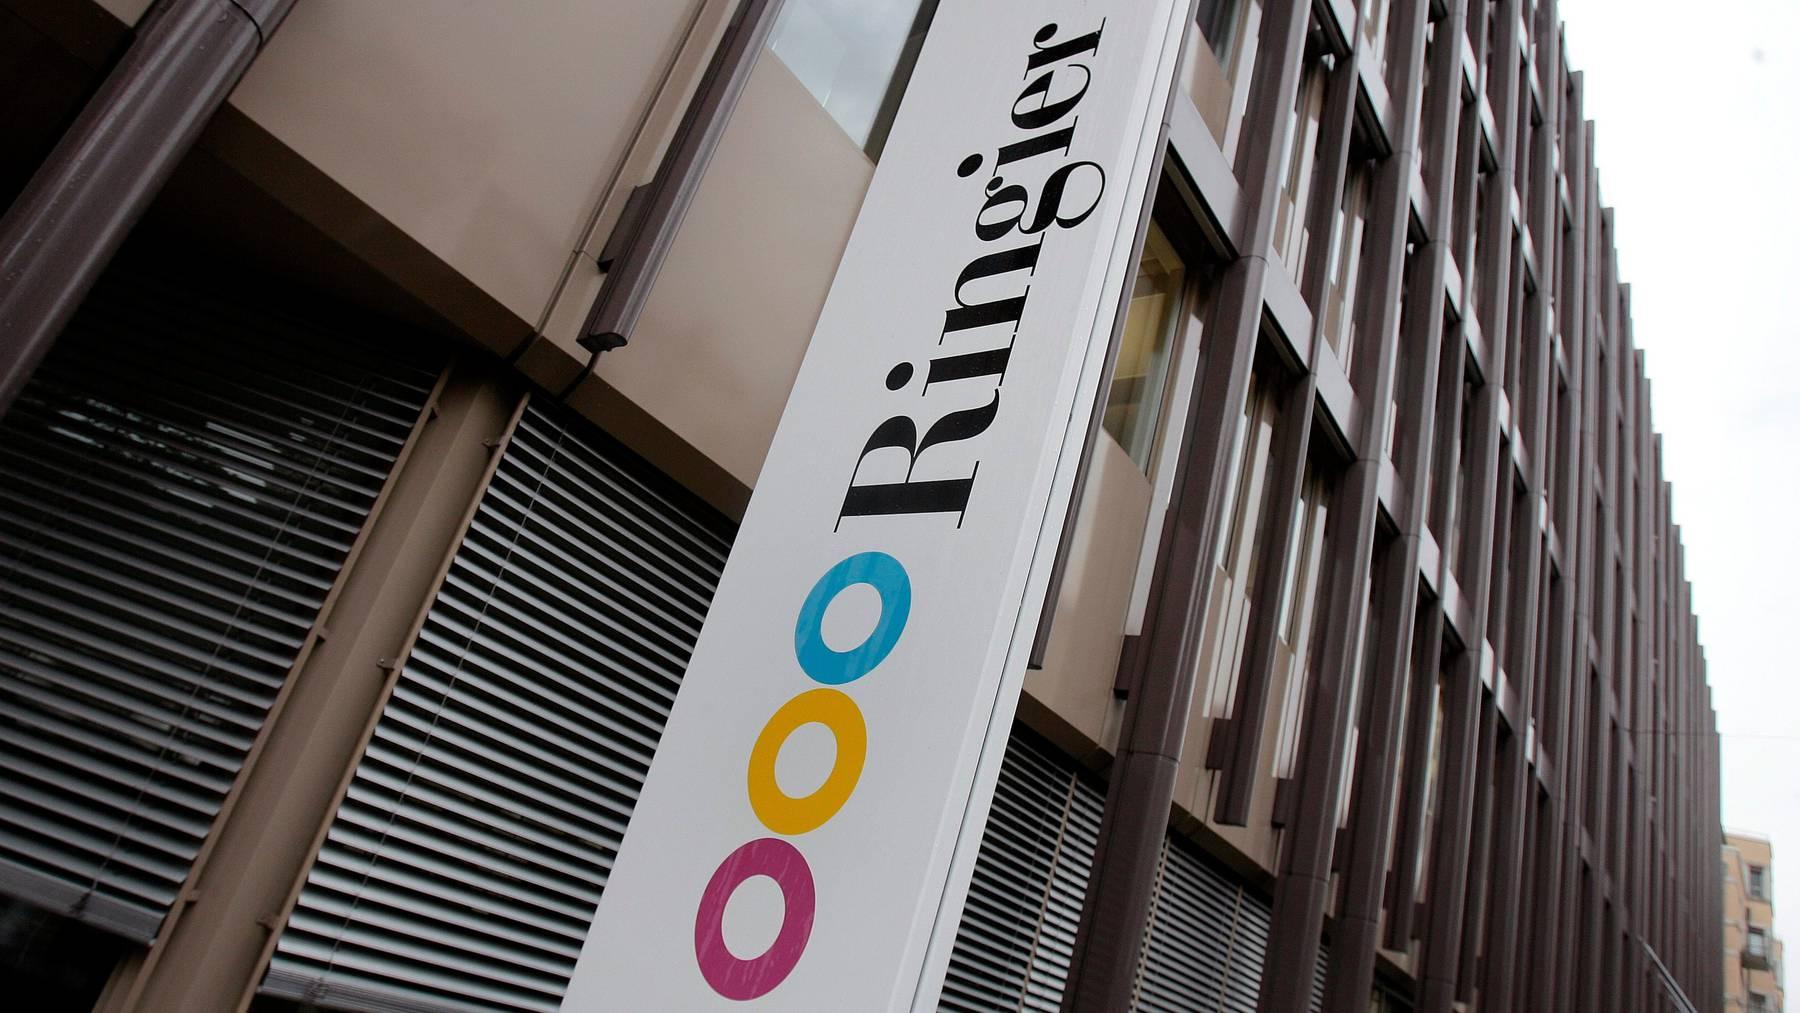 Ringier, das grösste private Medienhaus der Schweiz, tritt wieder dem Verband Schweizer Medien bei.